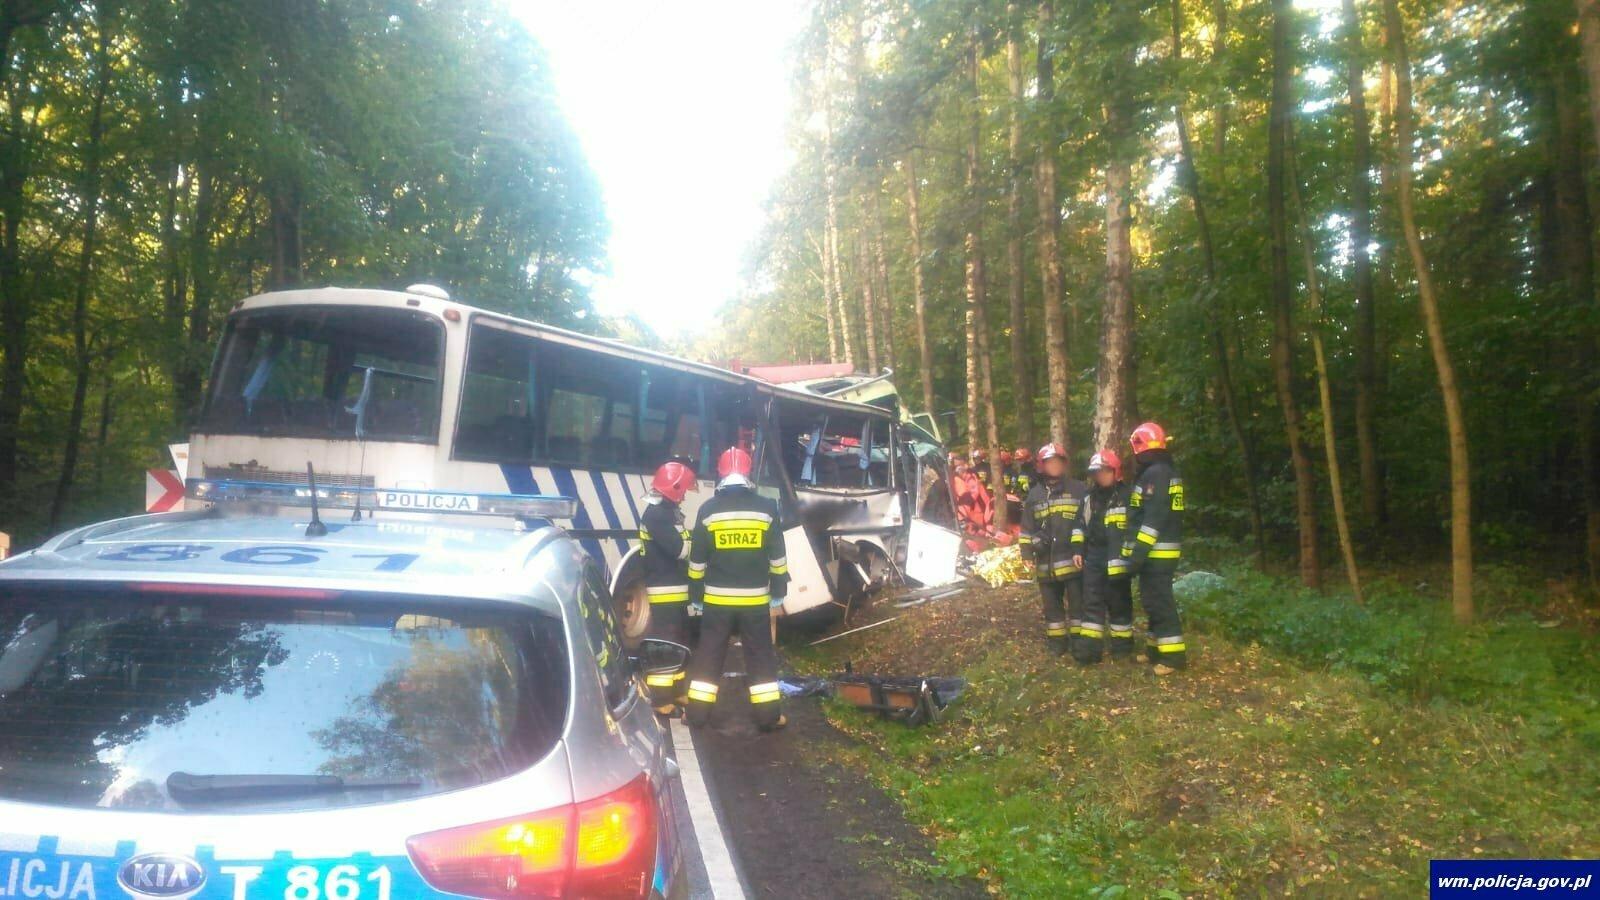 В Варминьско-Мазурском воеводстве произошло смертельное ДТП с участием школьного автобуса (фото, видео)